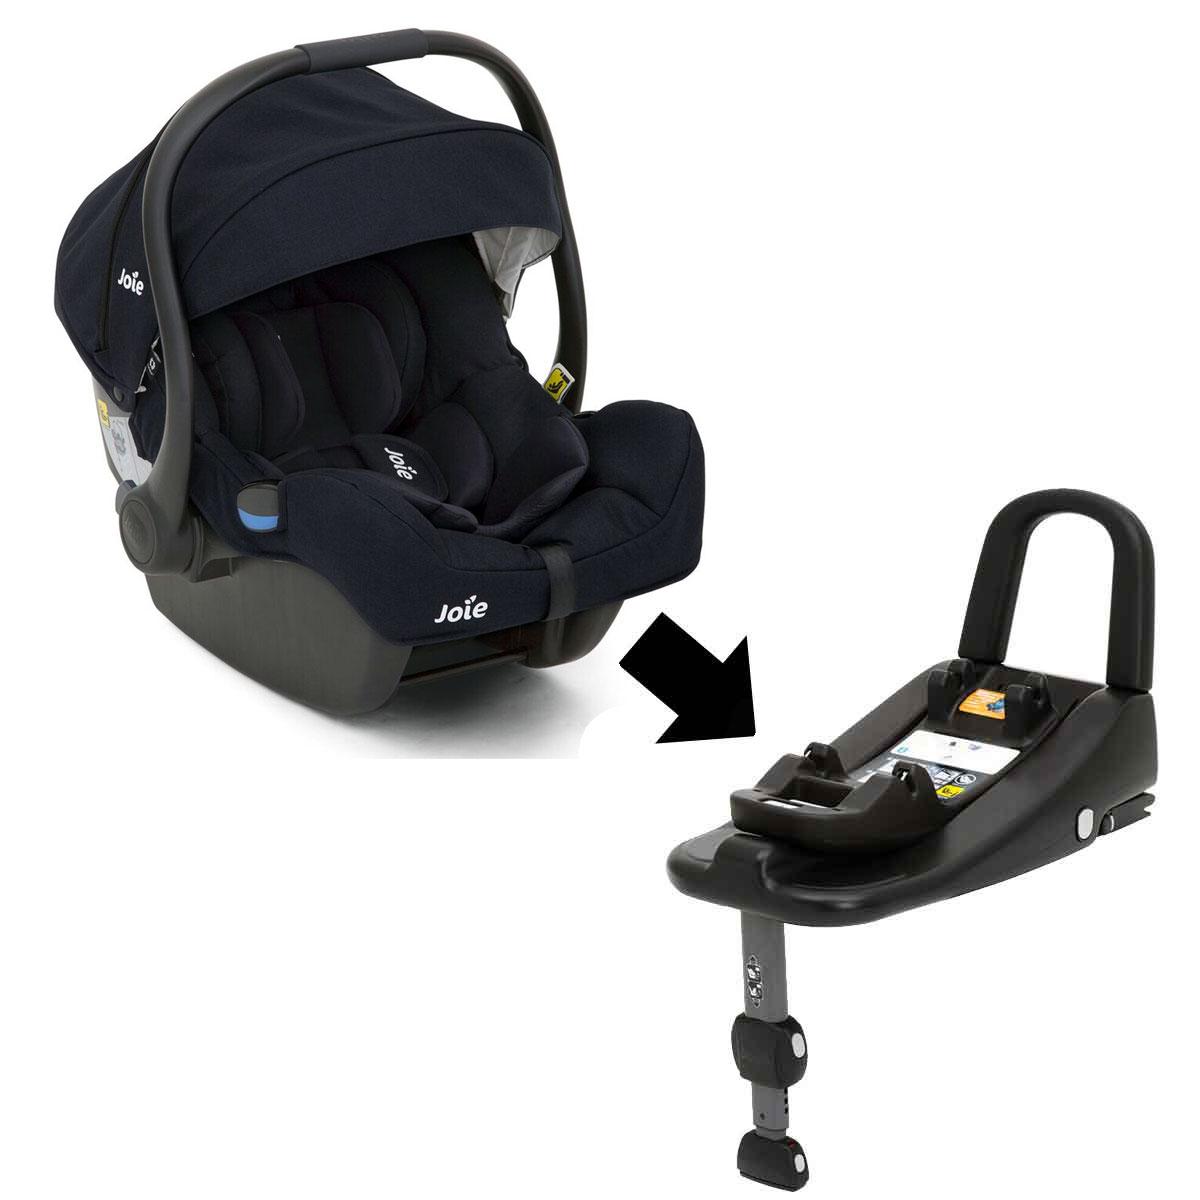 joie i gemm babyschale navy blazer opt mit i base. Black Bedroom Furniture Sets. Home Design Ideas